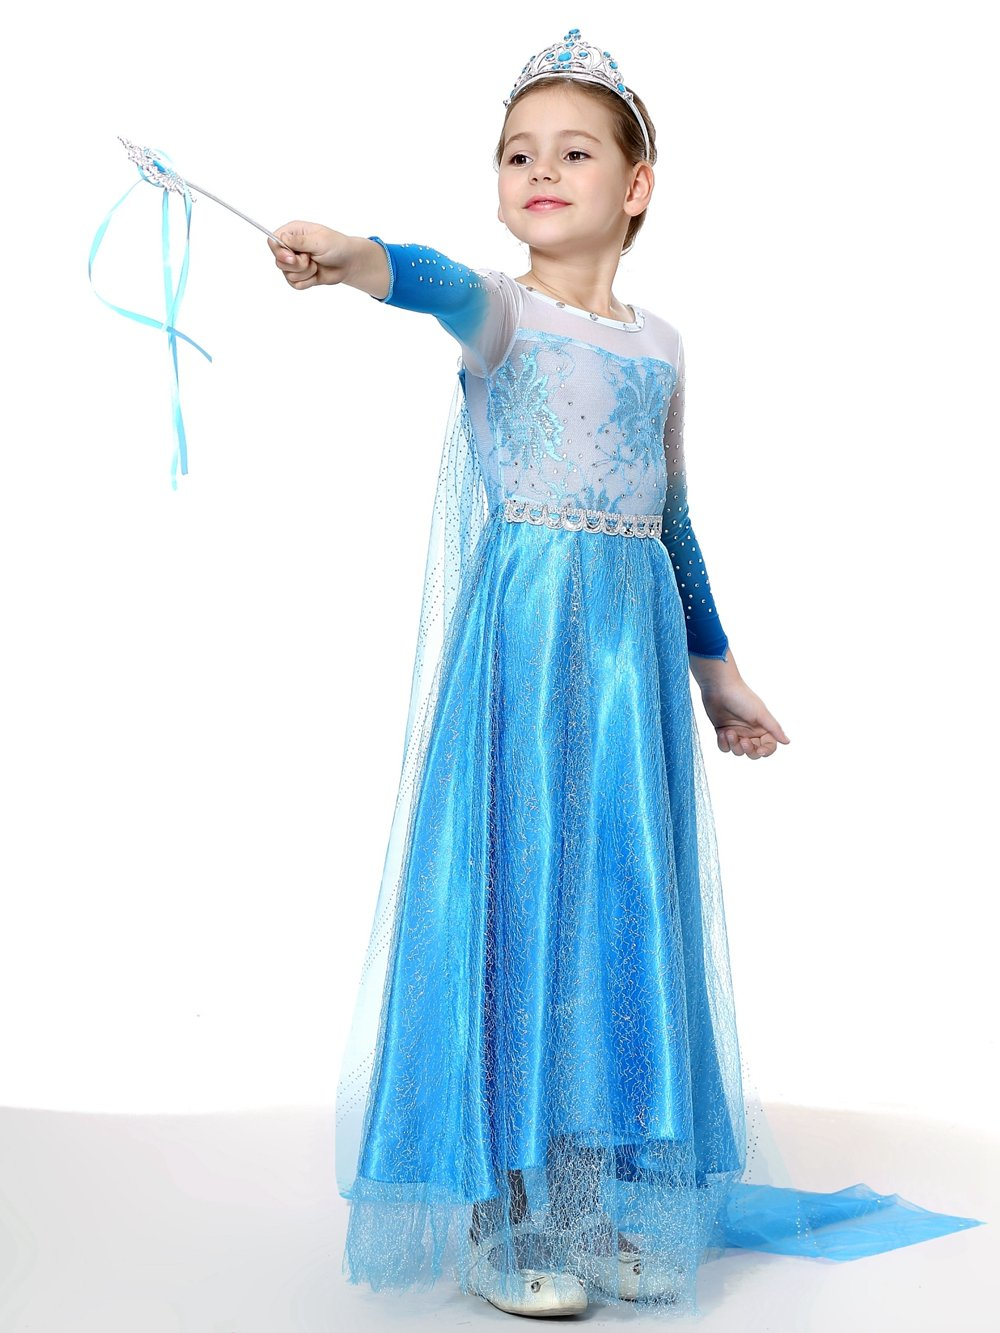 URAQT Elsa Frozen Costume Set da Principessa Elsa Corona Bacchetta Guanti Treccia Elsa Costume di Cosplay Party Halloween Costume Abito delle Ragazze di Natale Vestito Fantasia